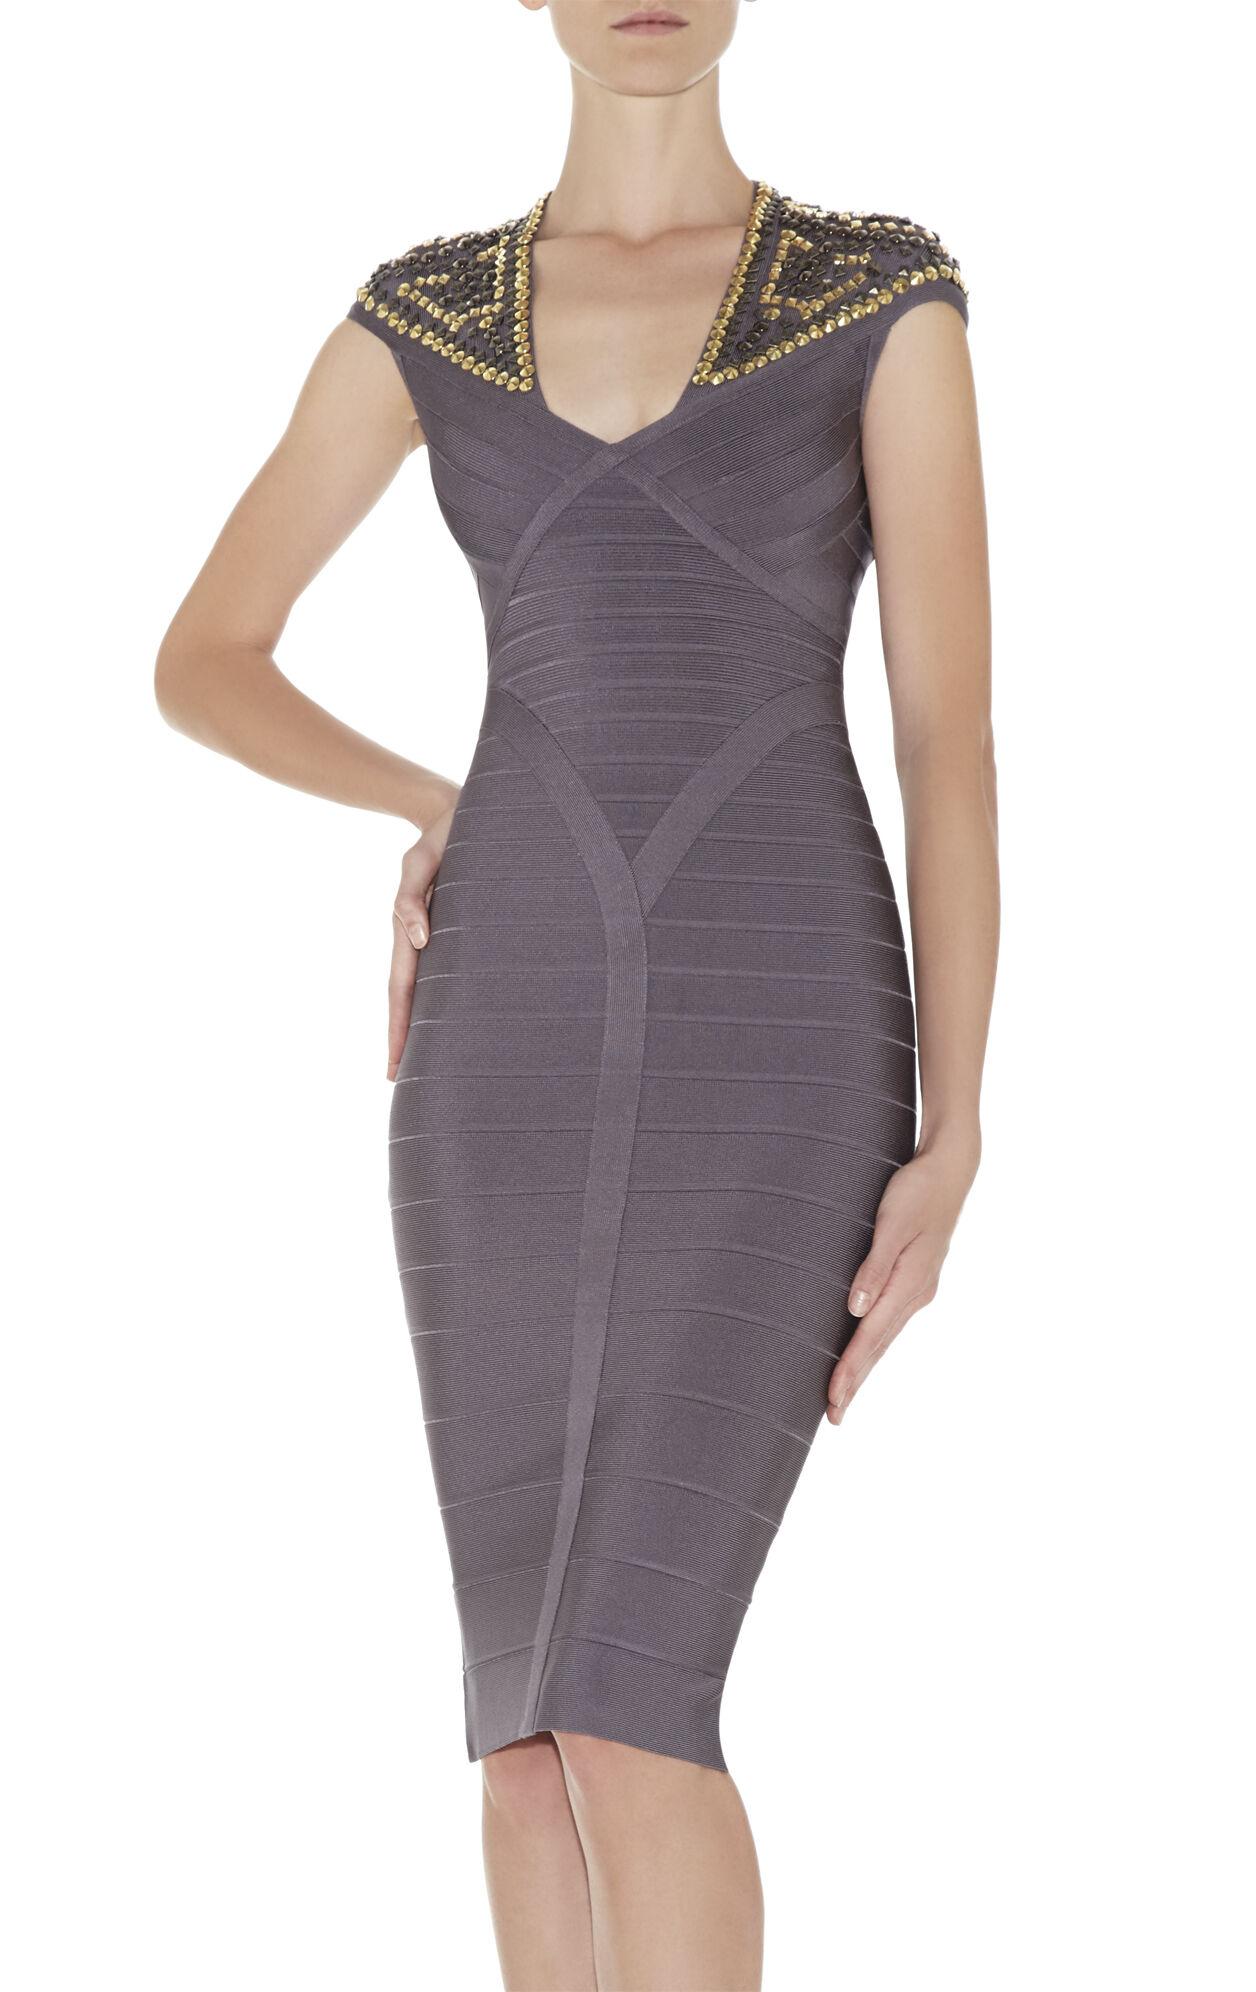 Camira Studded-Detail Dress